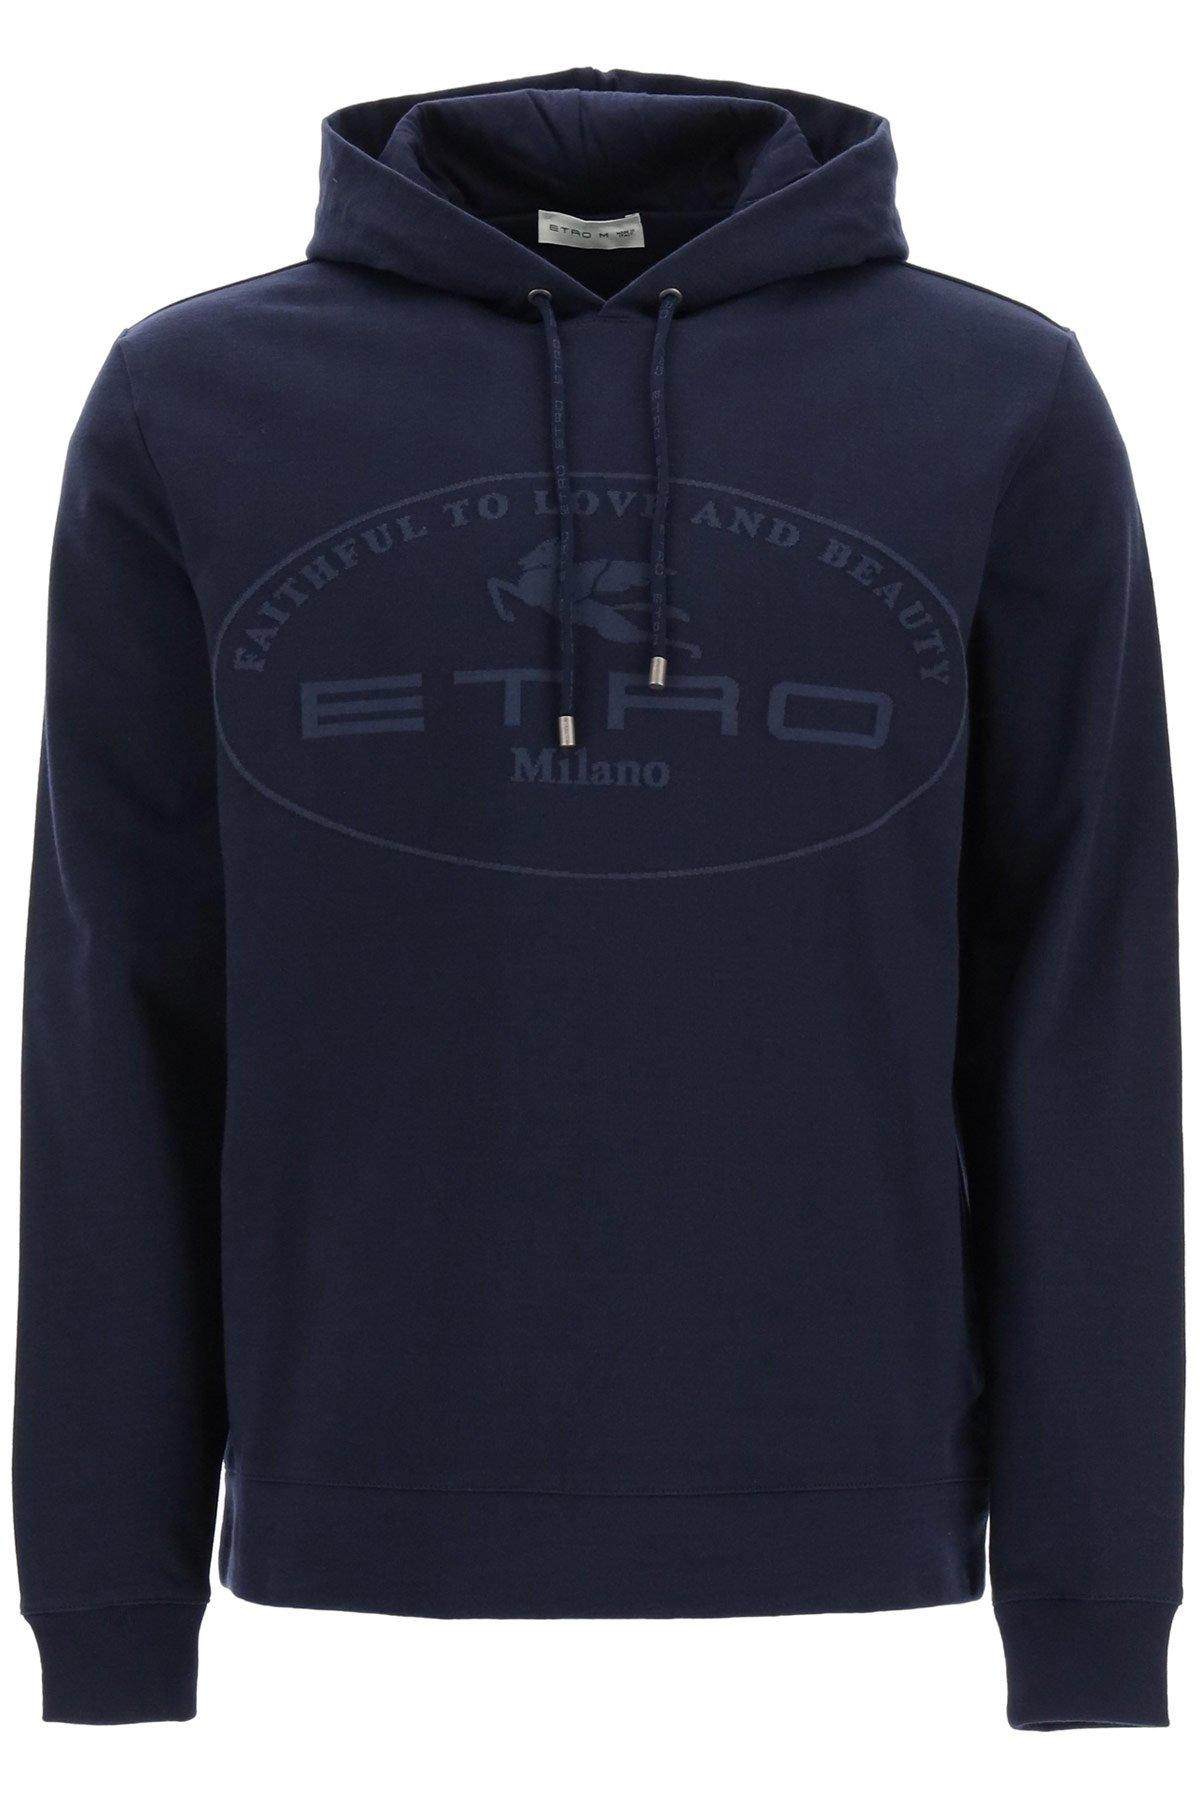 Etro felpa con cappuccio logo